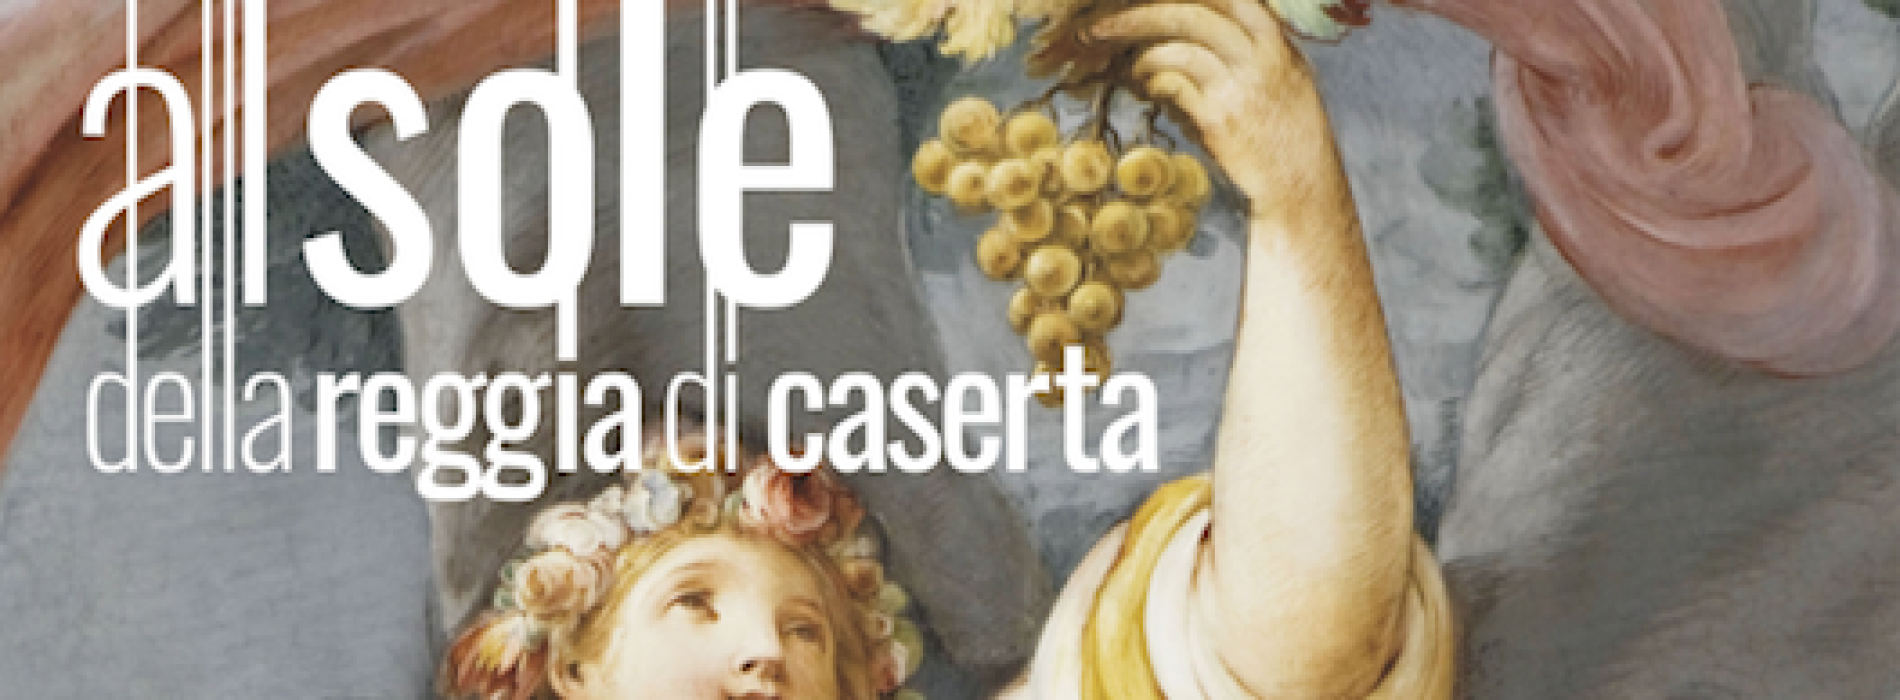 Vinitaly. Incontri e degustazioni con la Camera di Commercio